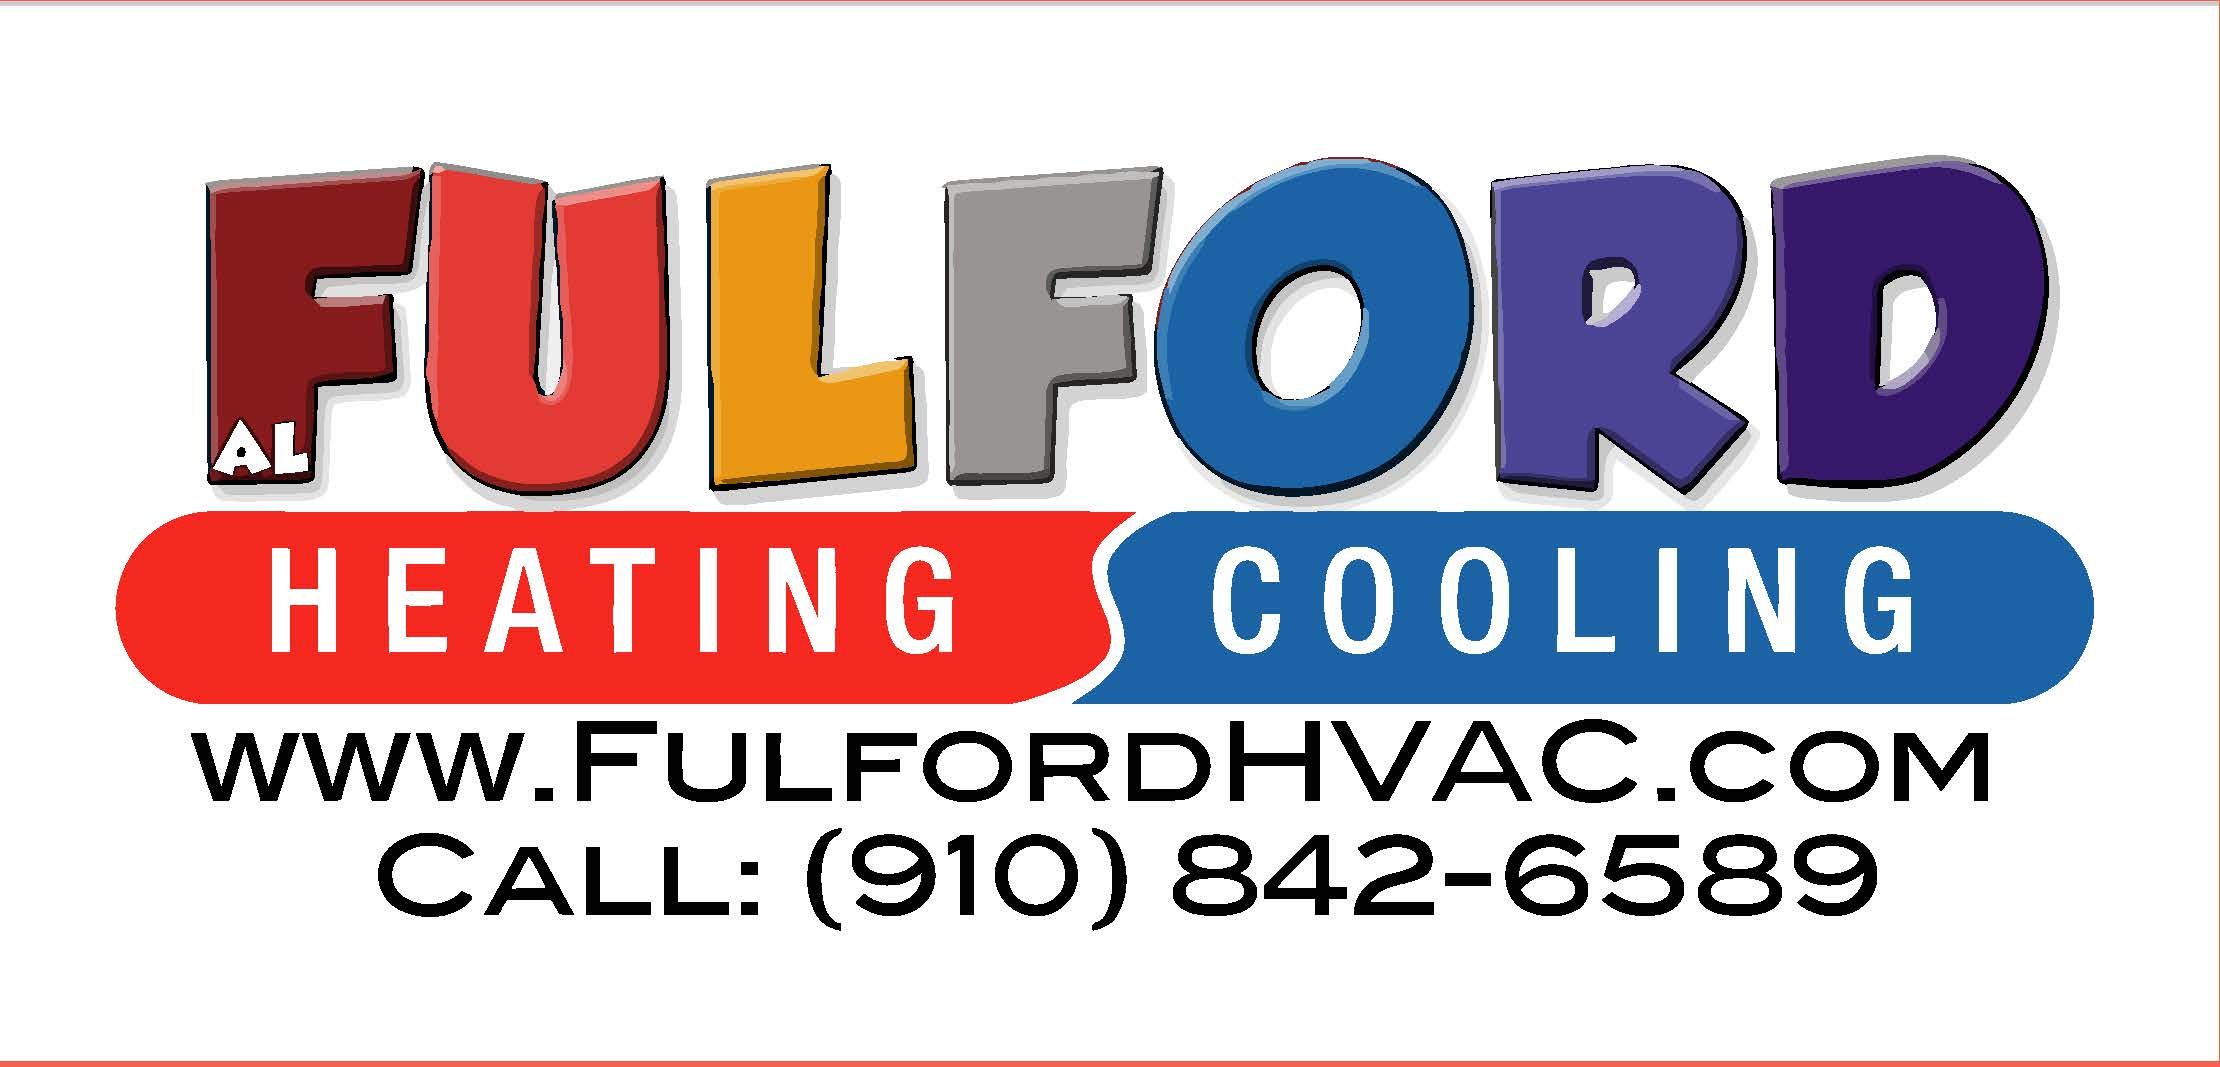 Fulford HVAC